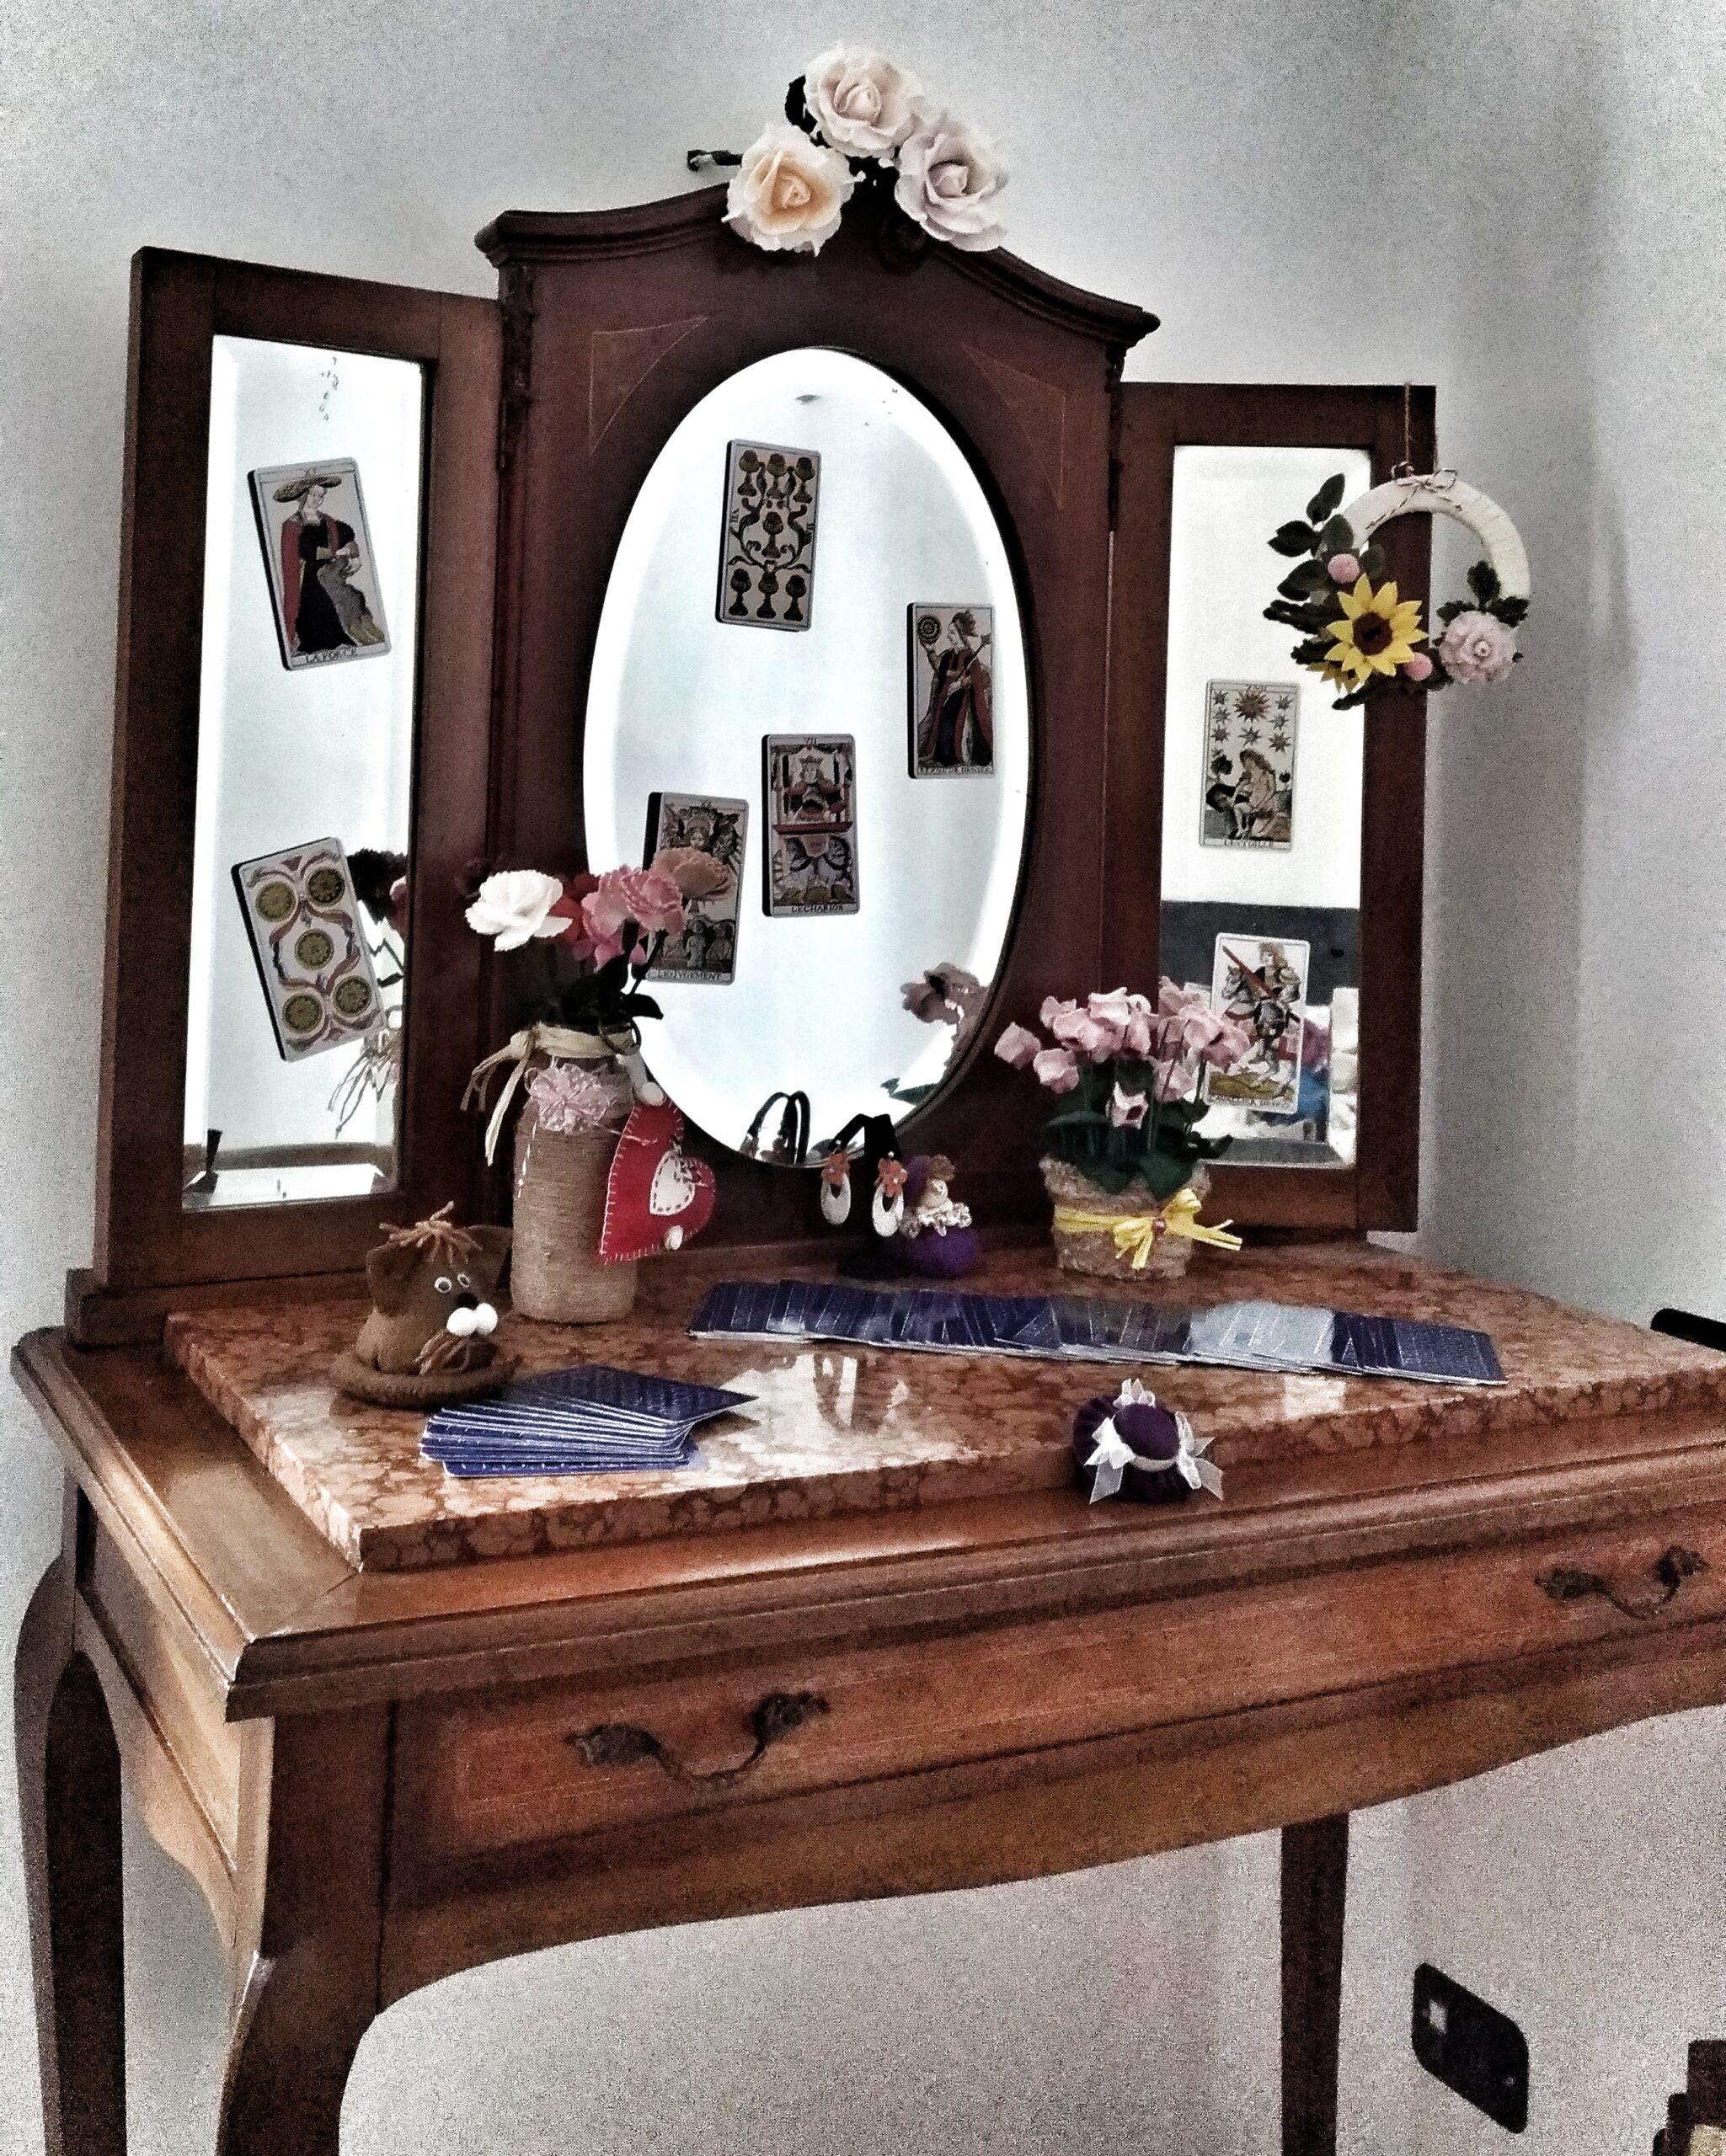 Toiletta con fiori in pannolenci e Tarocchi di Marsiglia-La Voce dell'Anima